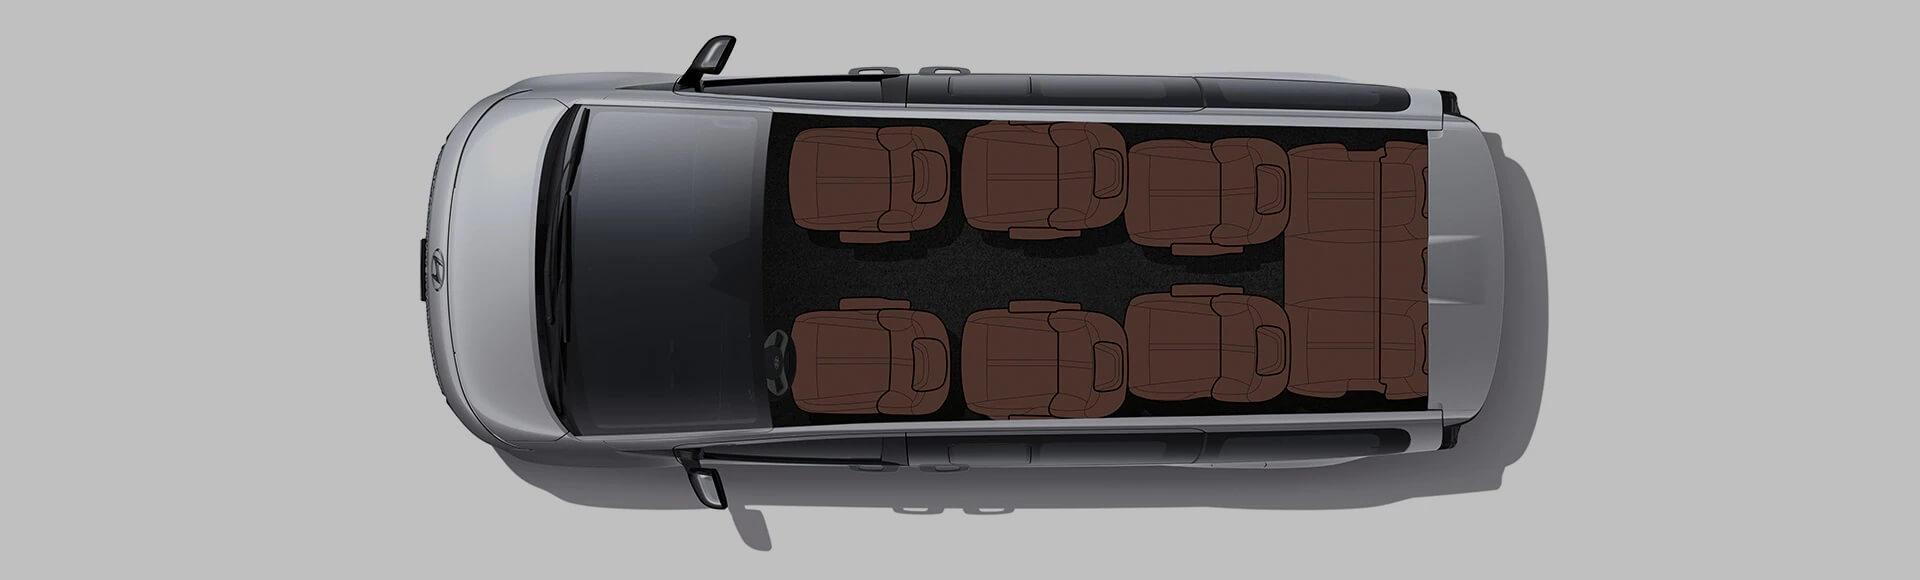 staria us4 premium 9 seater accordion pc